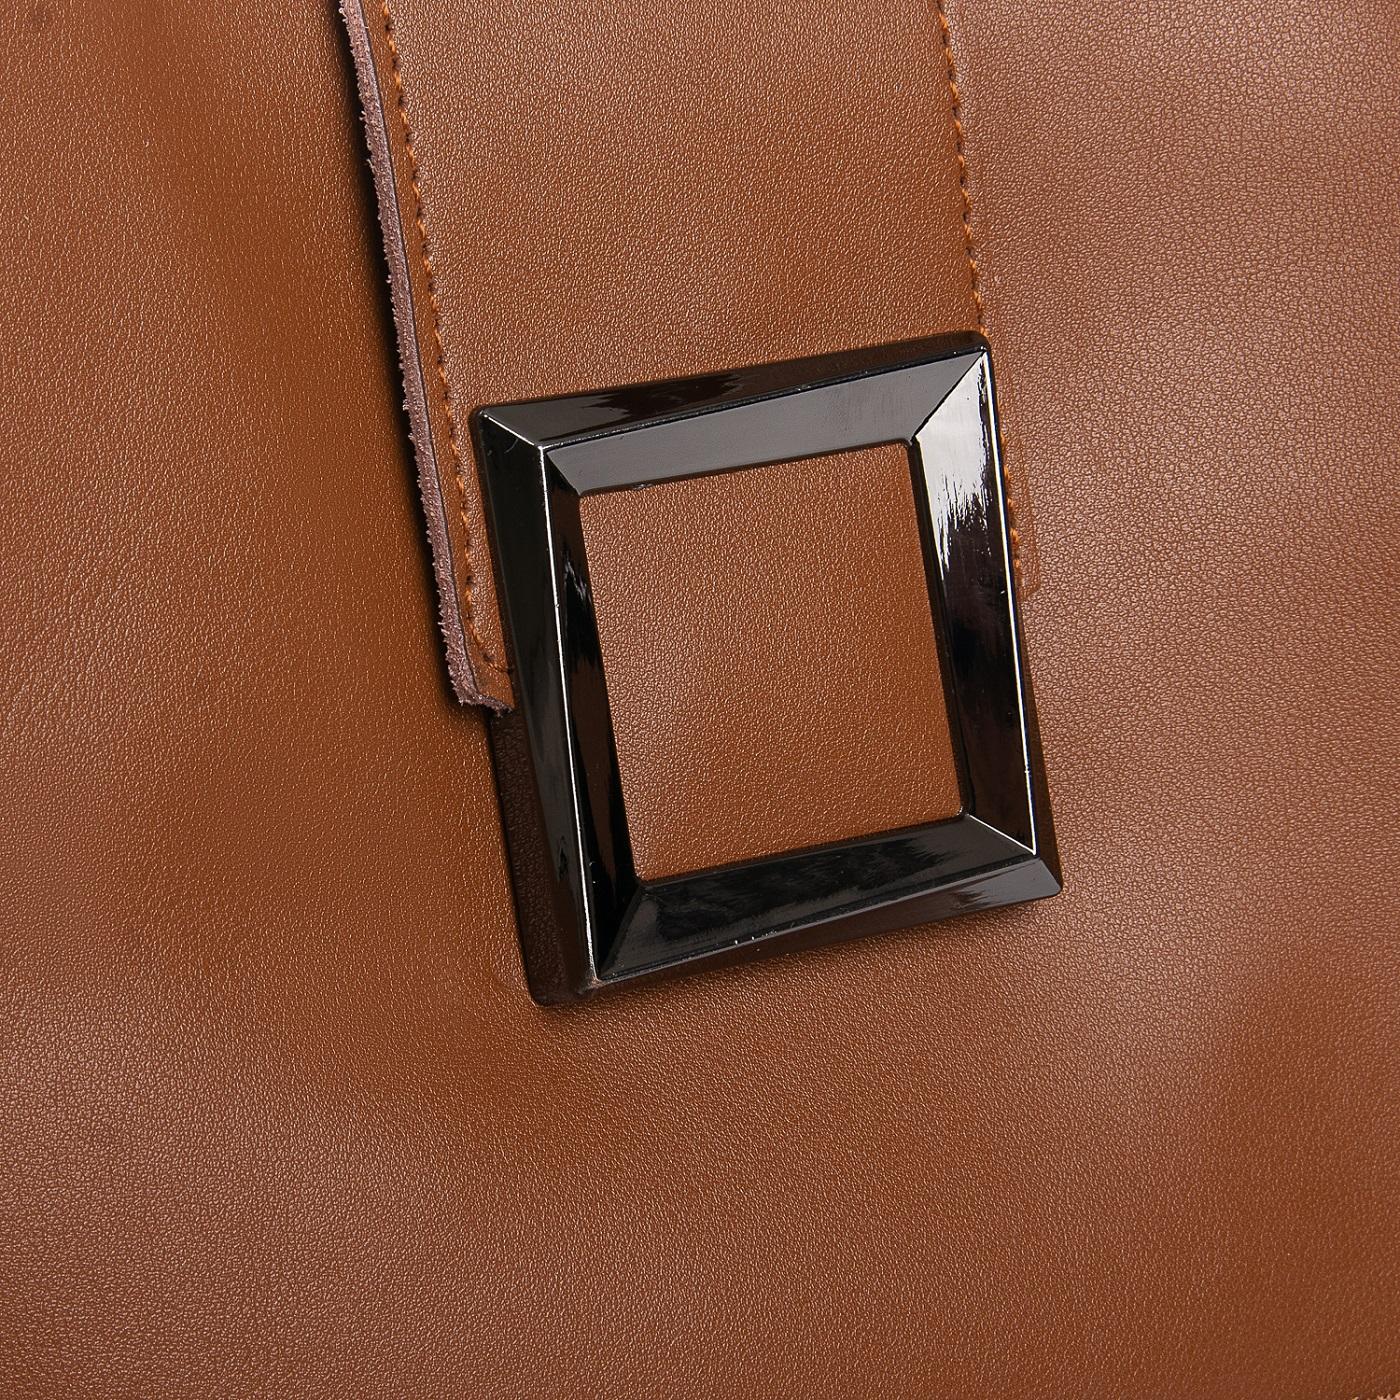 Сумка Женская Классическая кожа ALEX RAI 010-1 9924-206 yellow-brown - фото 3